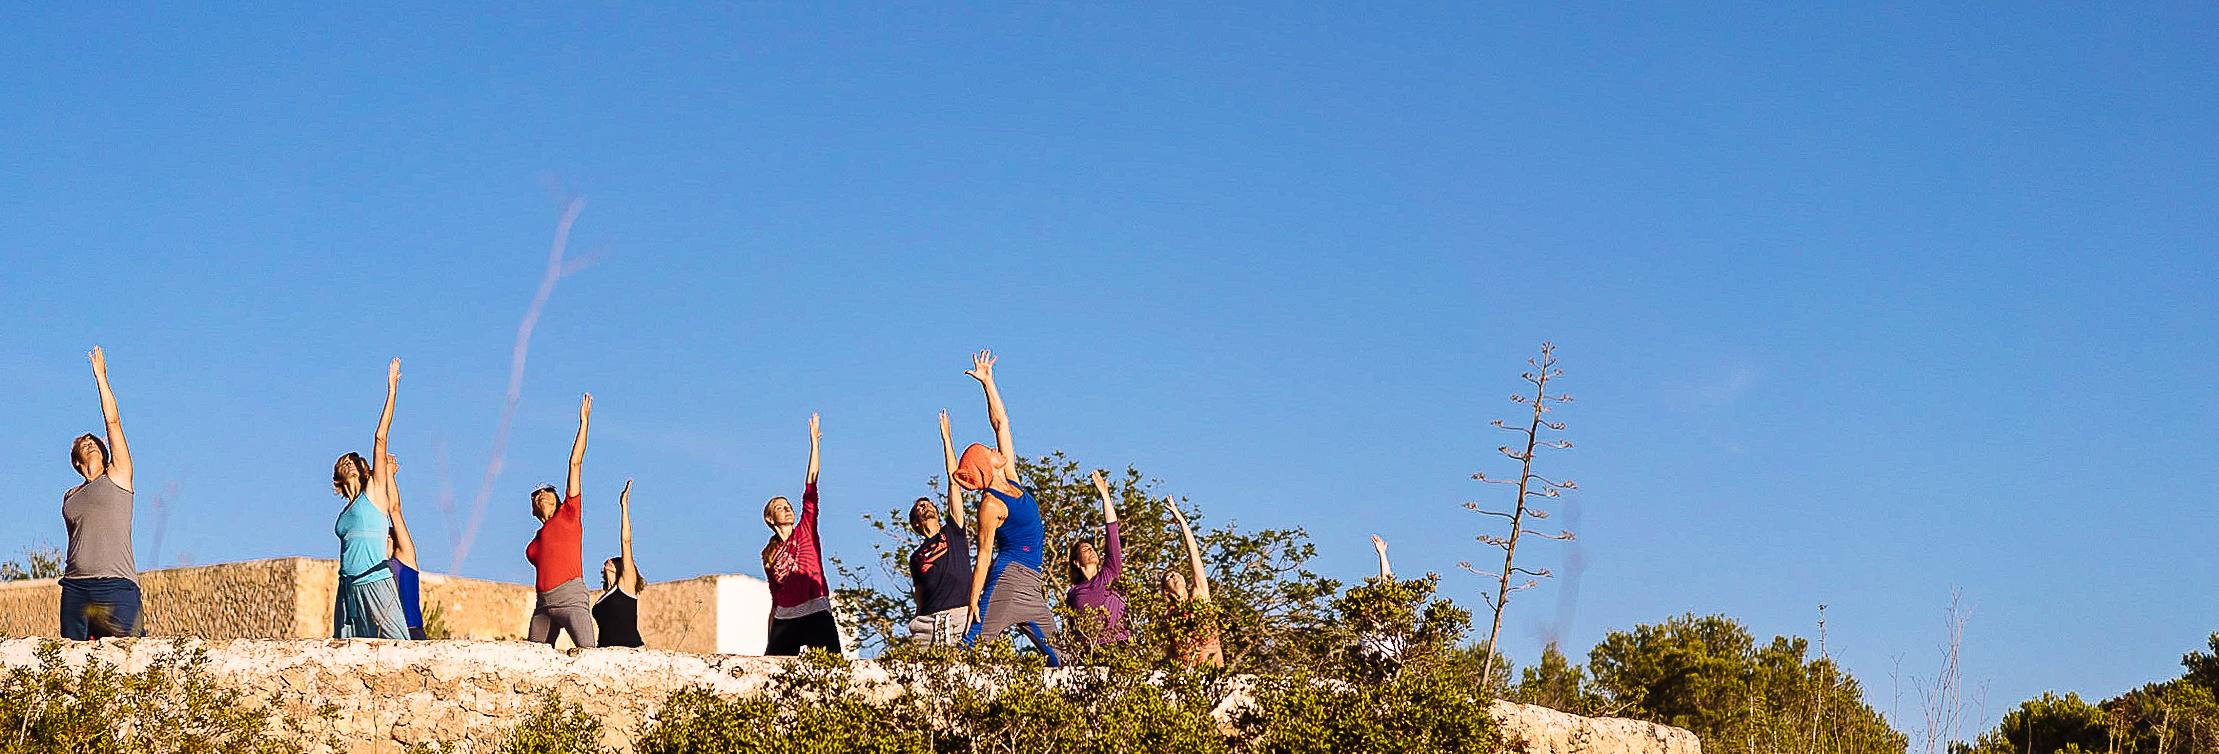 Yogaübende unter blauem Himmel